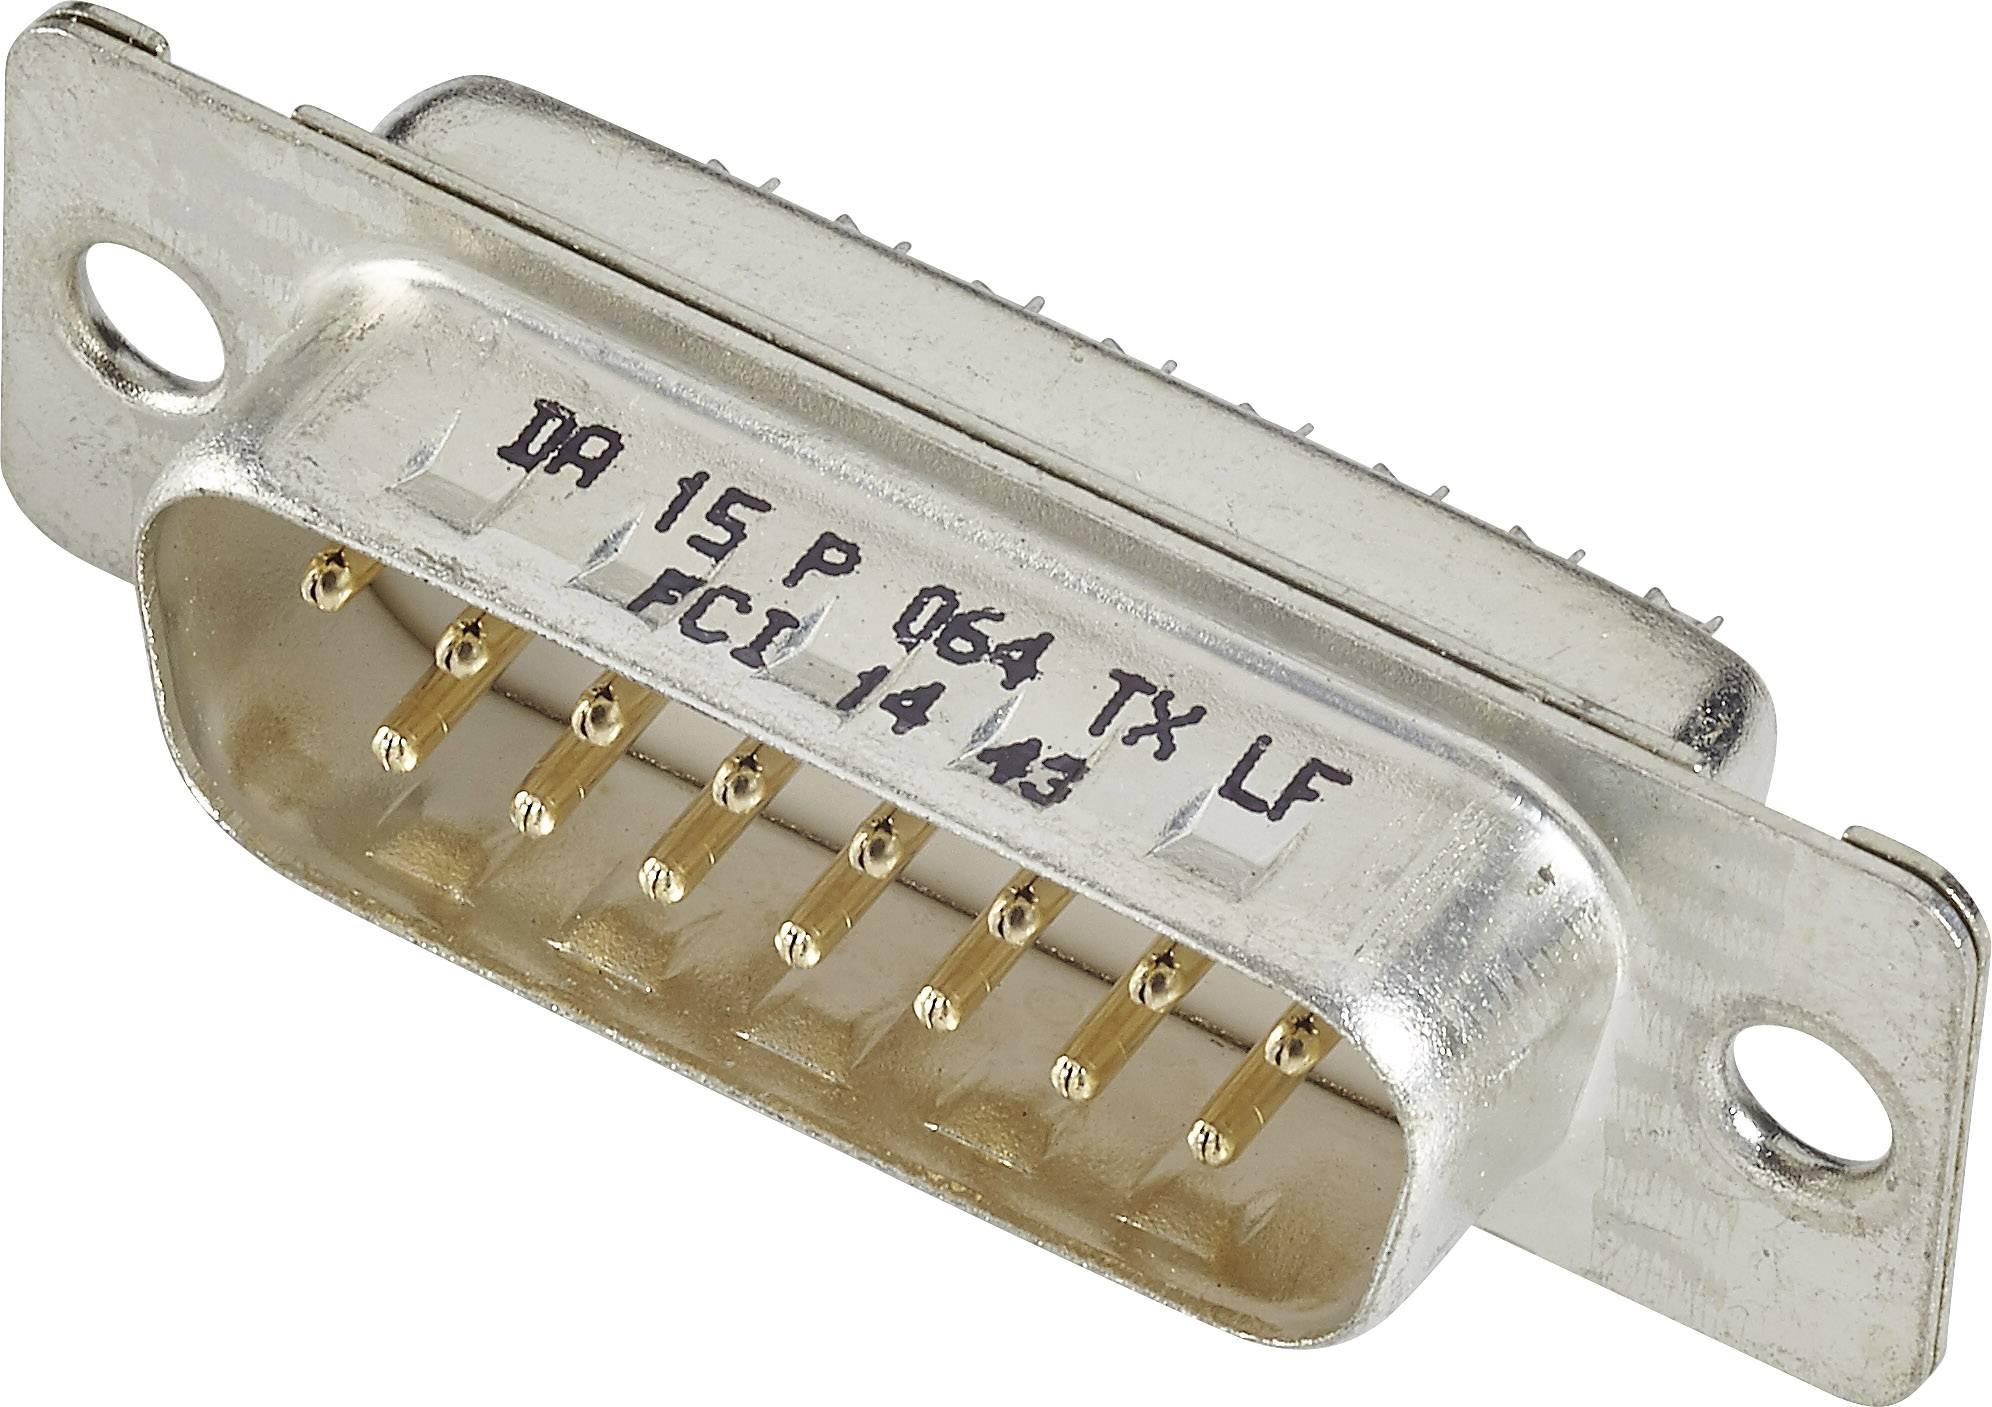 25 Lötkelch 1 St. FCI D-SUB D-SUB Buchsenleiste 180 ° Polzahl